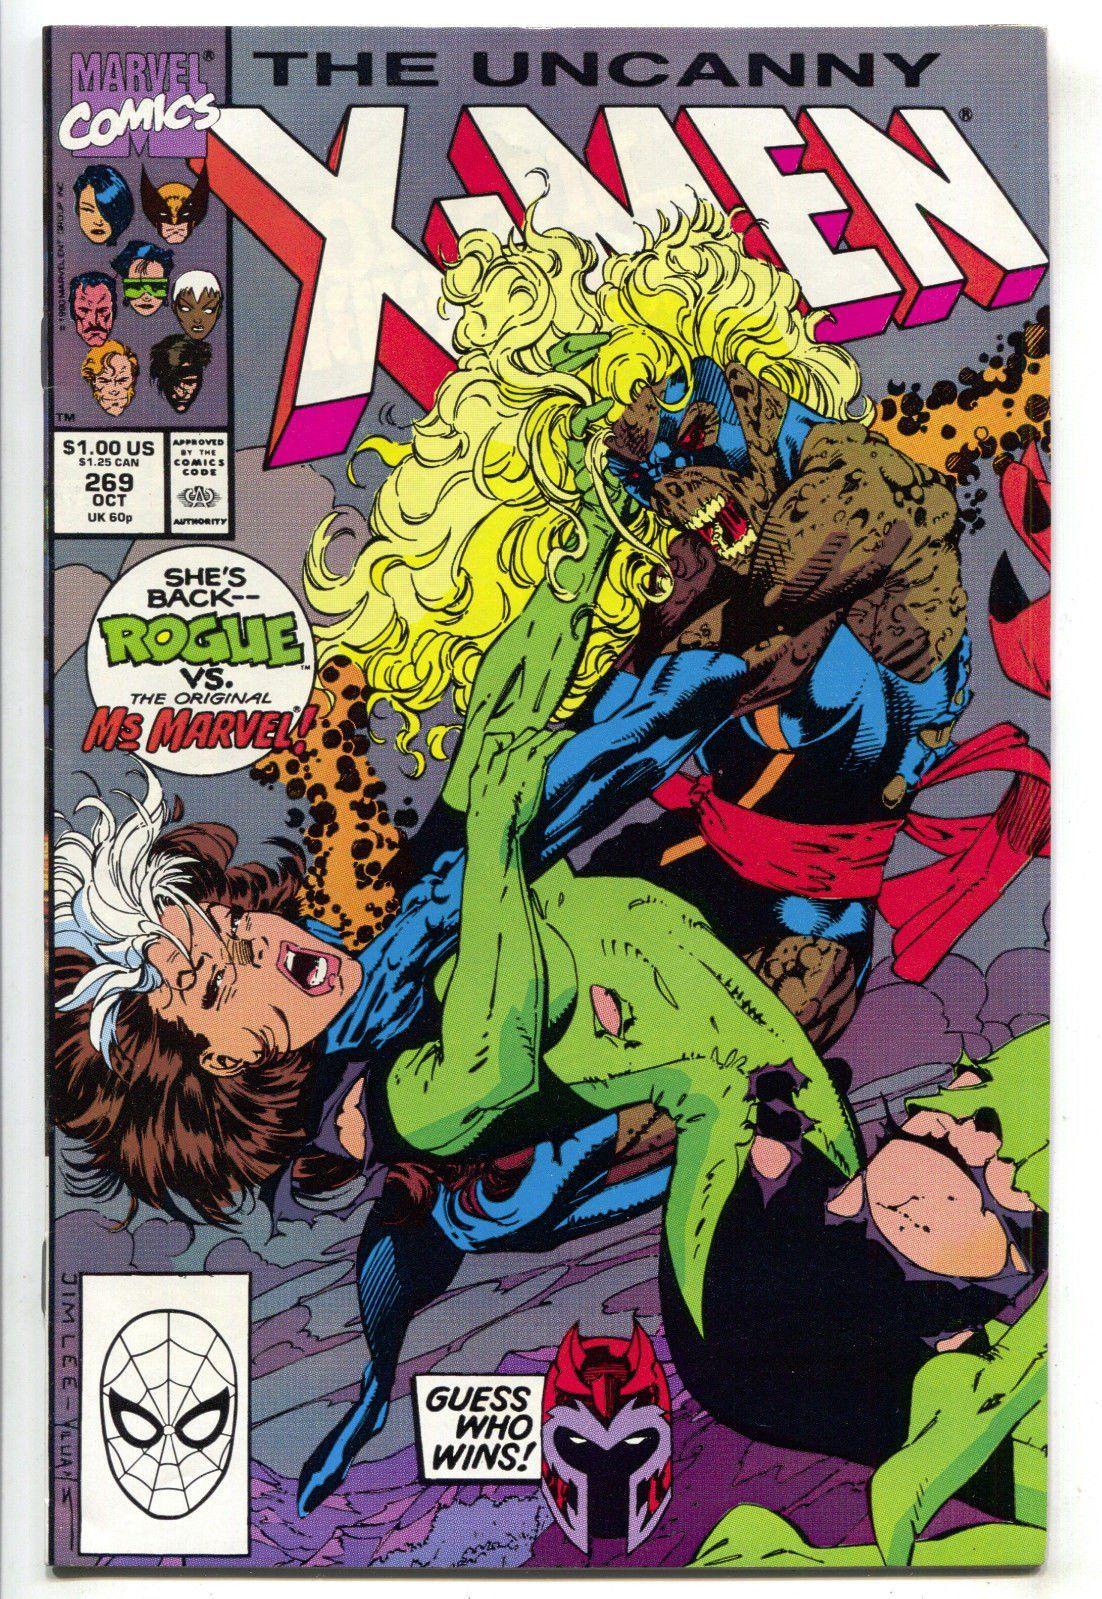 Komiksy i artykuły dla fanów X-MEN ASTONISHING #6 MARVEL COMICS FEBRUARY 2018 NM 9.4